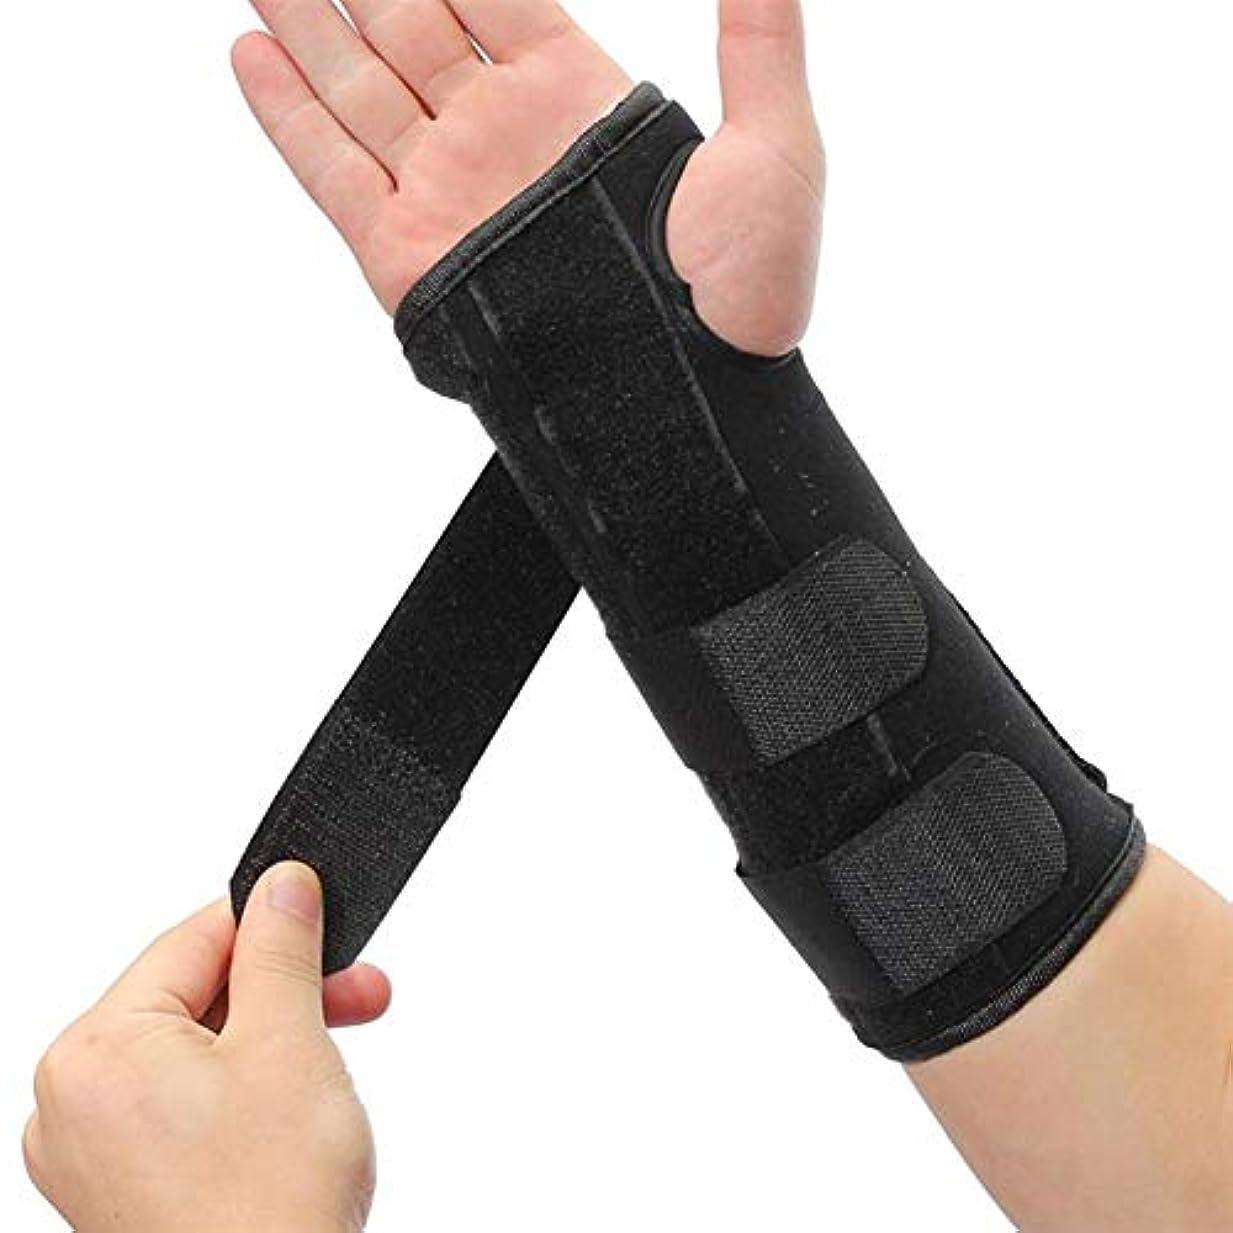 バケツぴかぴか銛手根管医療手首サポートブレース延長包帯手首プロテクター調節可能な装具手の安全性